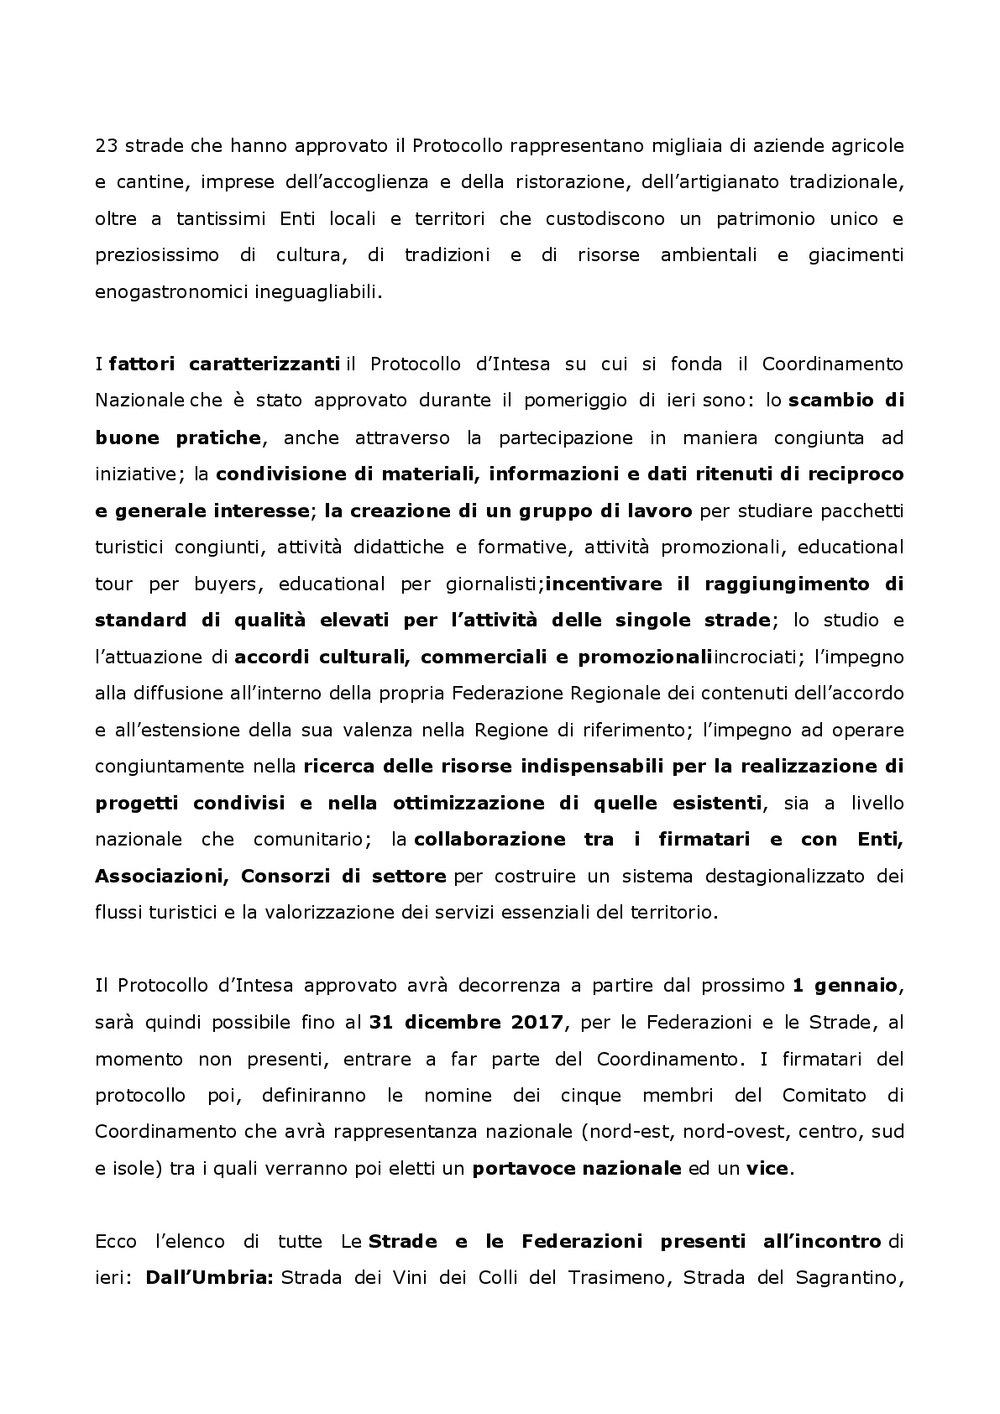 Art.-coord.-da-SDV-del-Trentino-12.12.2017-002.jpg